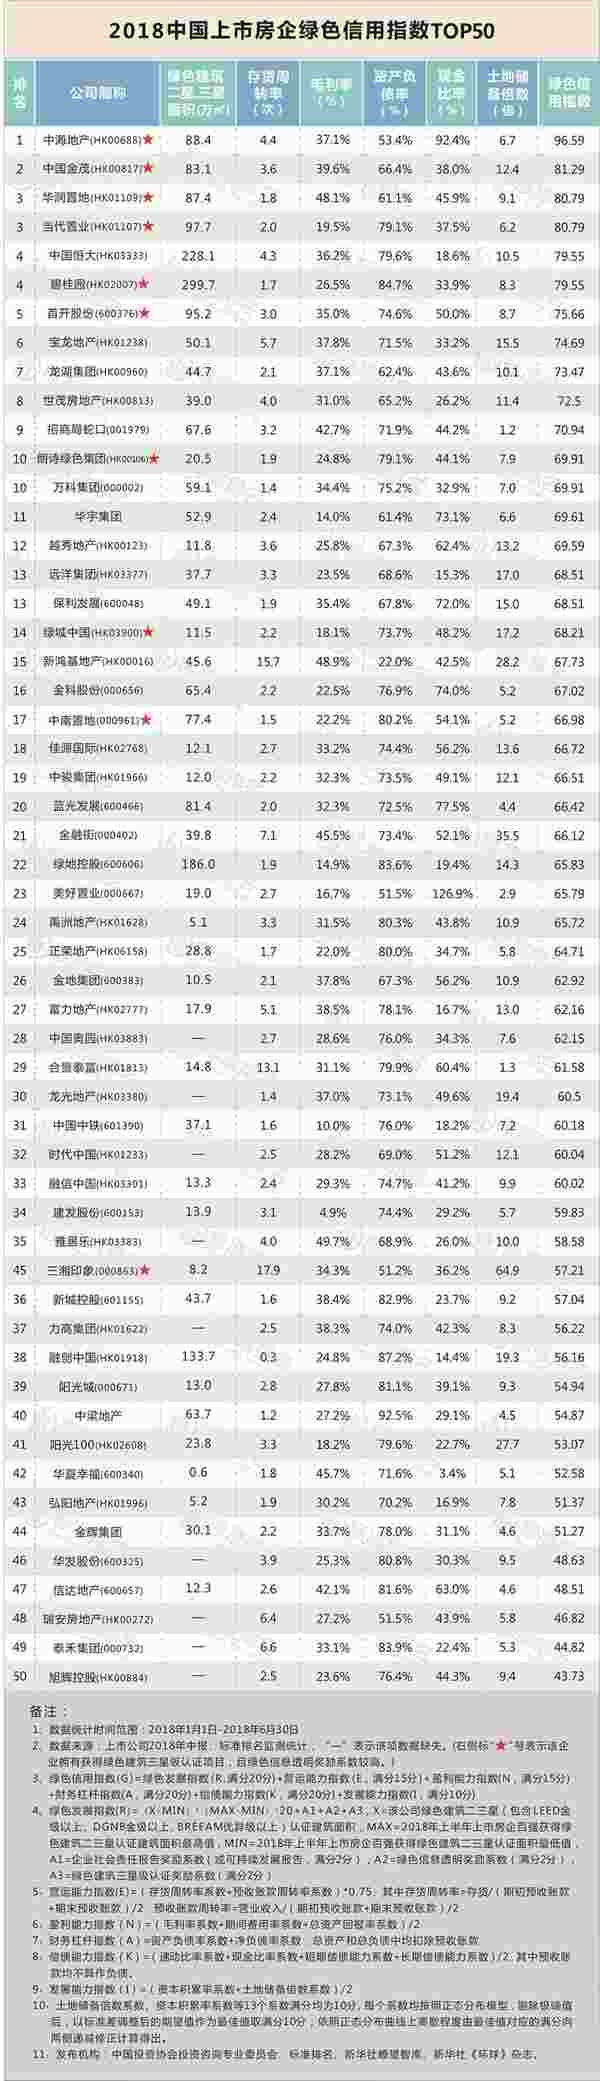 2018中国上市房企绿色信用指数TOP50发布